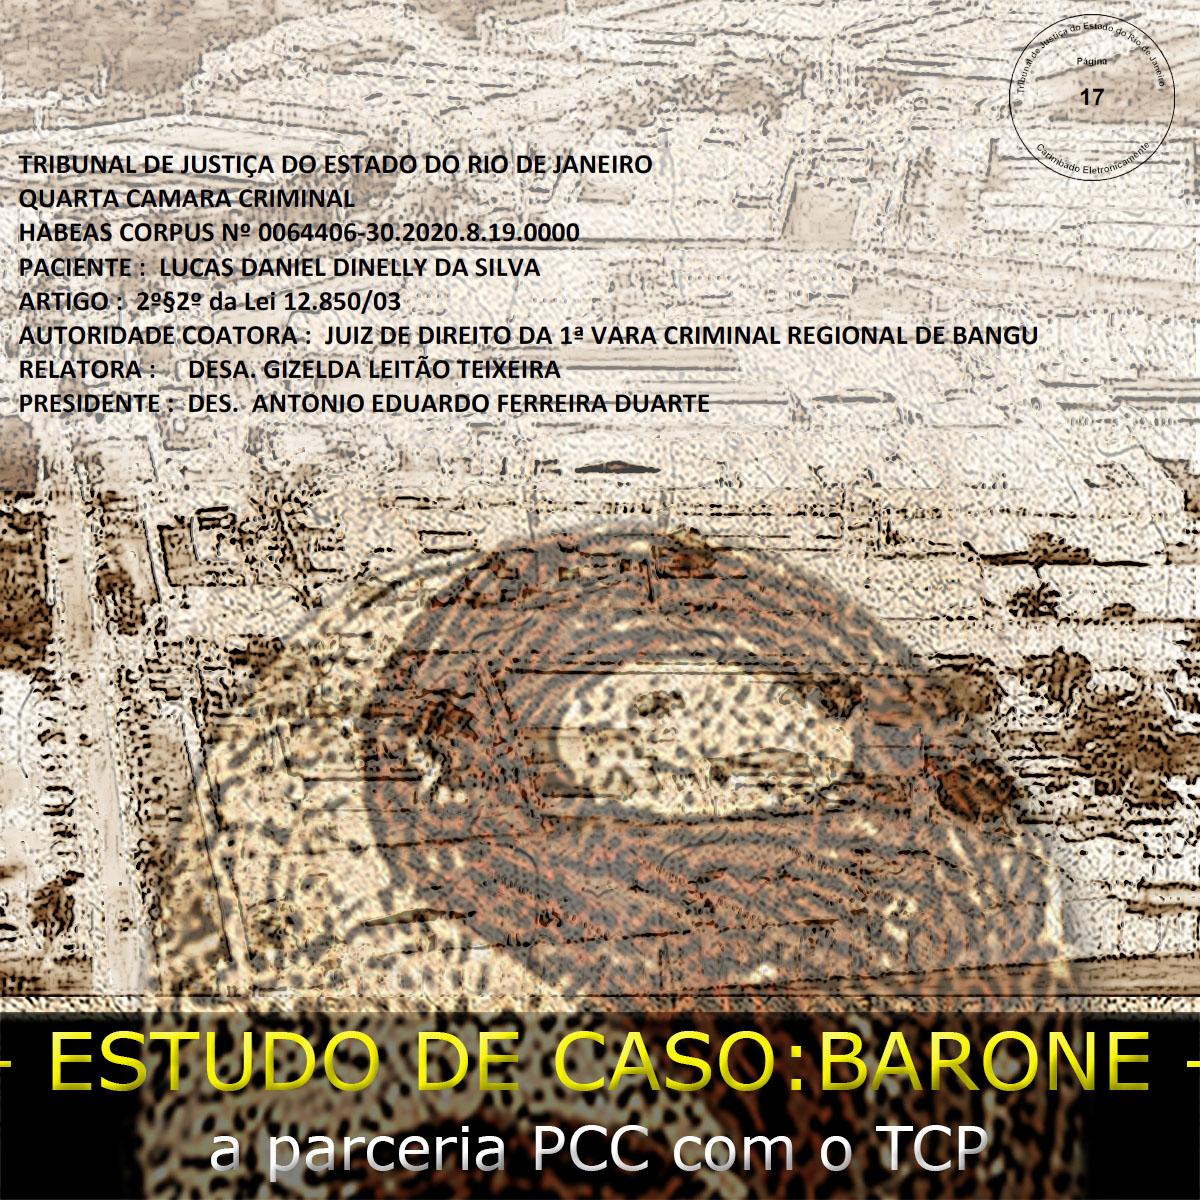 Um flash sobre a expansão do PCC no Rio de Janeiro